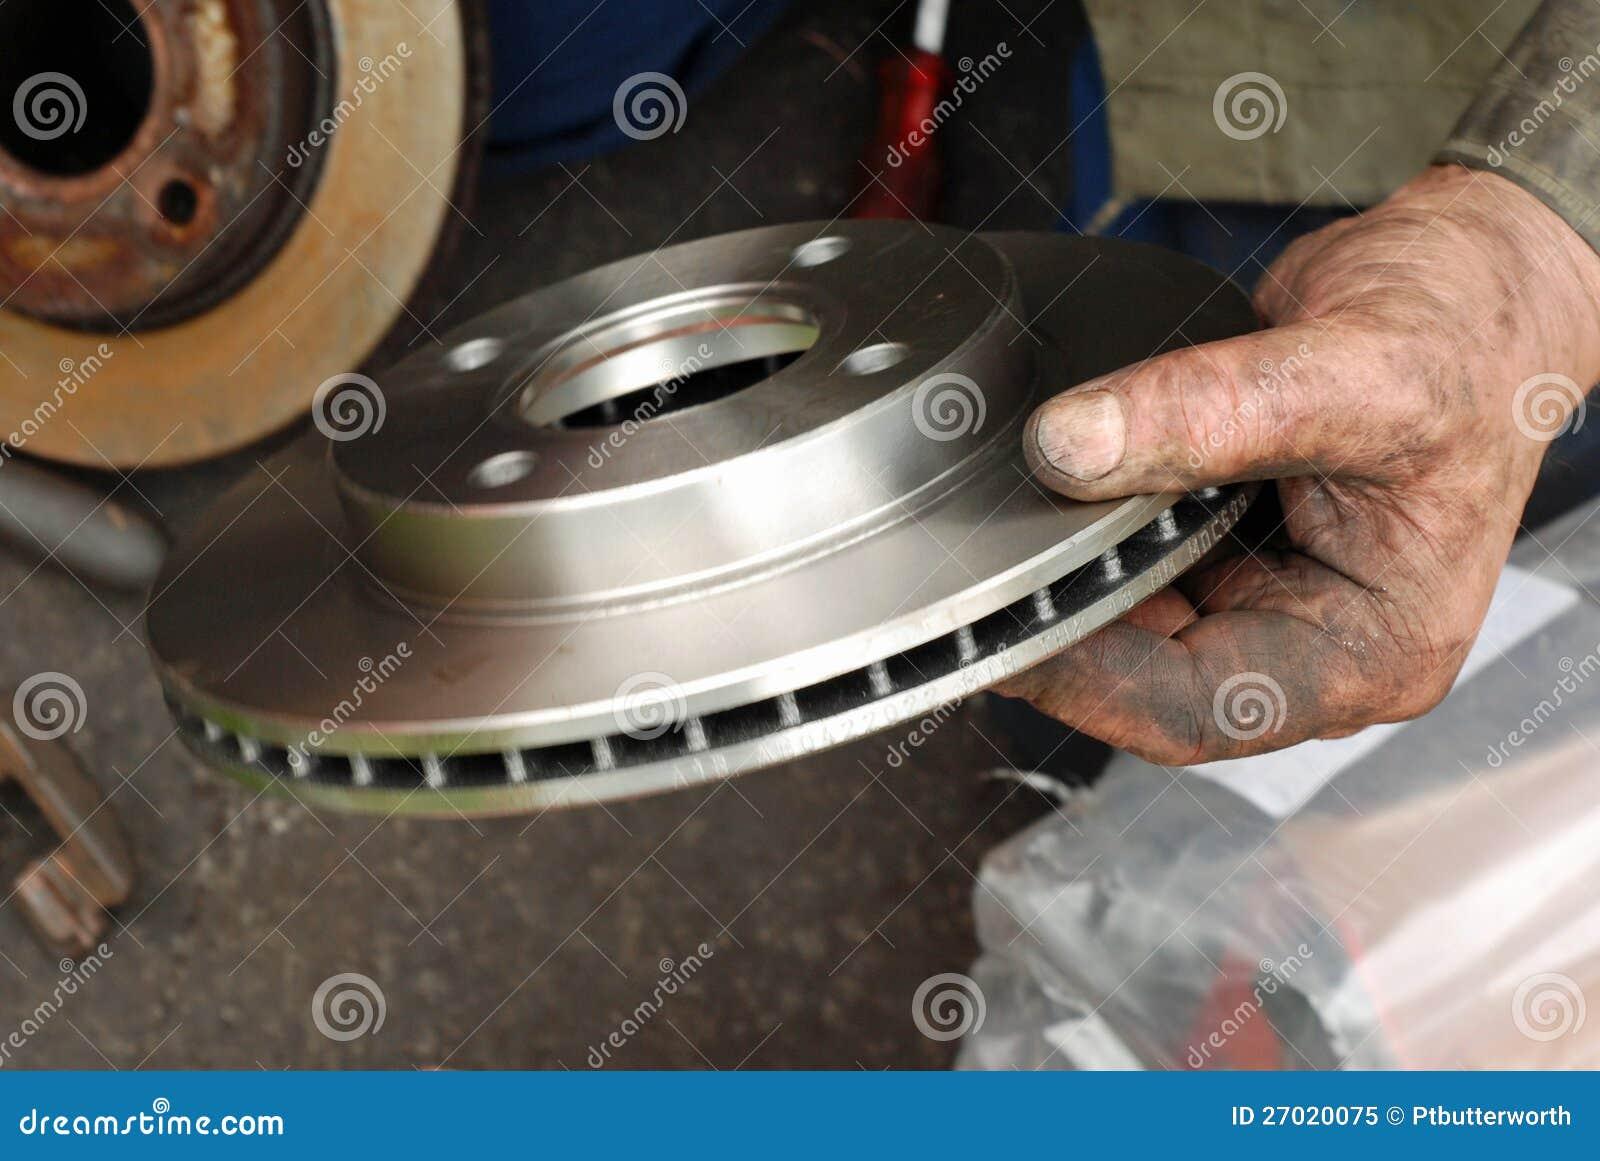 Mão dos mecânicos que cabe o freio de disco novo.